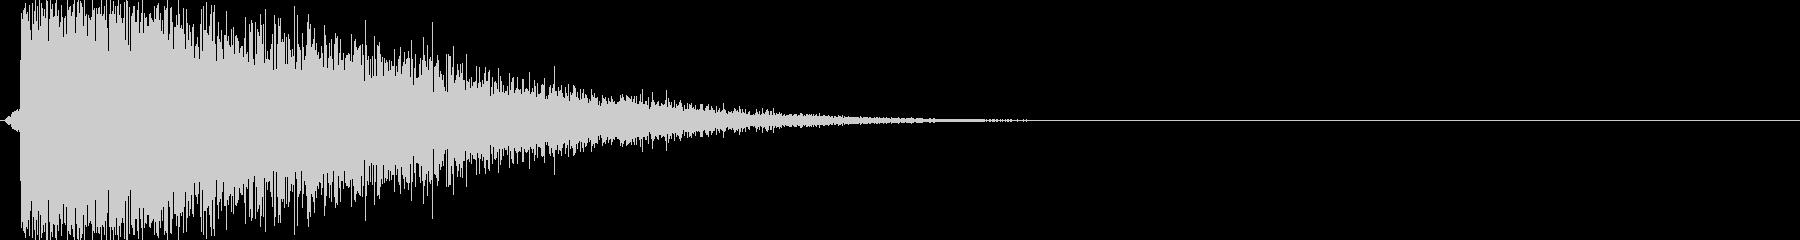 バシュイーン(シューティング、レーザー)の未再生の波形